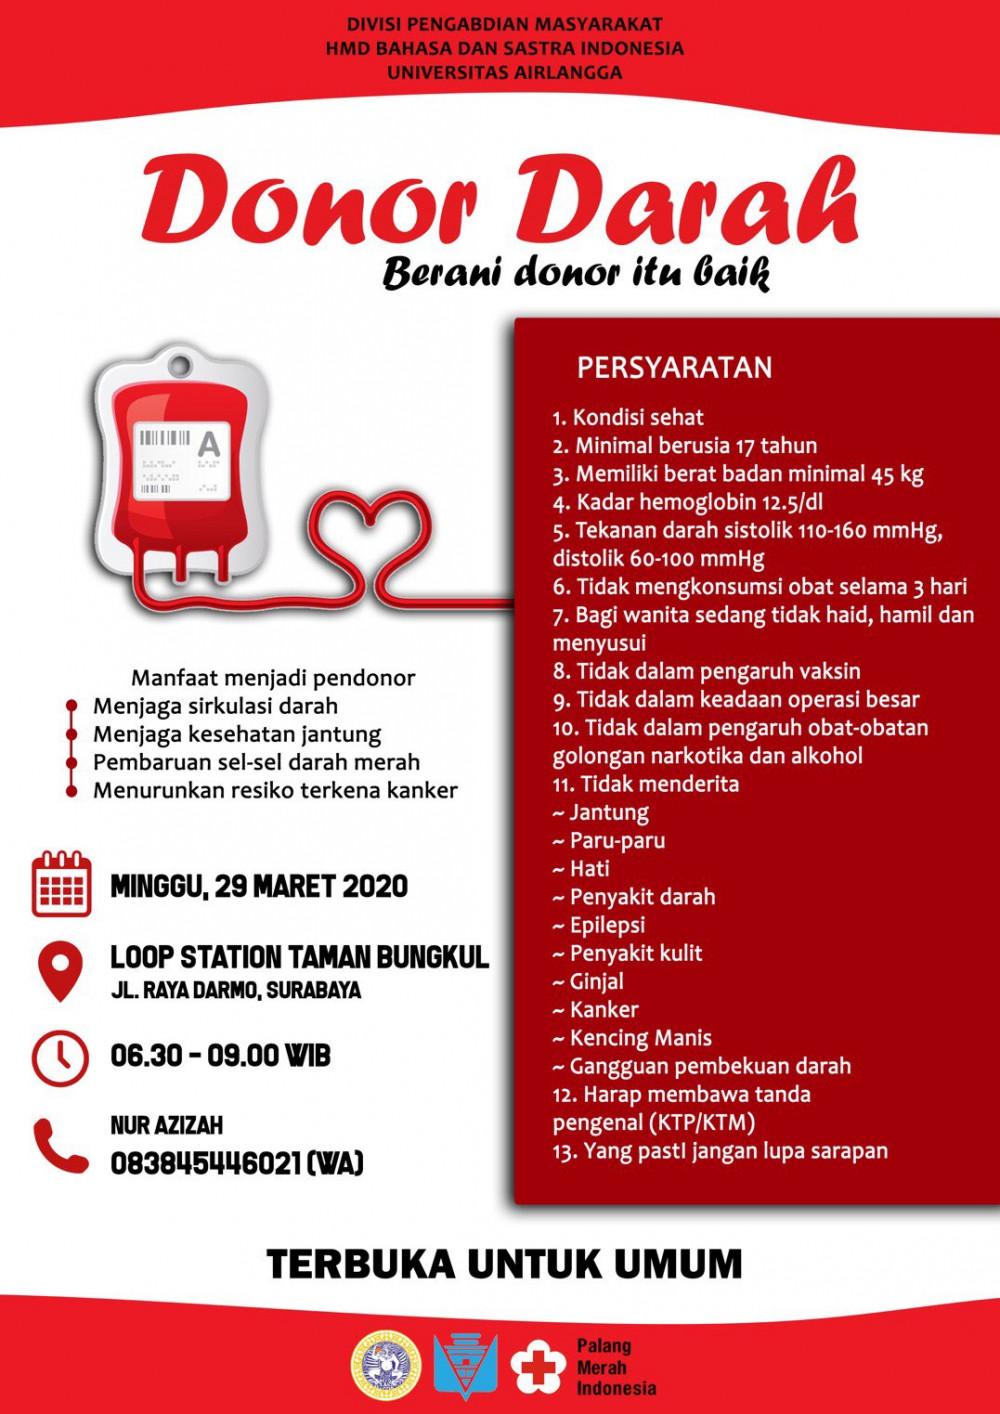 Donor Darah Divisi Pengabdian Masyarakat HMD Bahasa dan Sastra Indonesia Universitas Airlangga